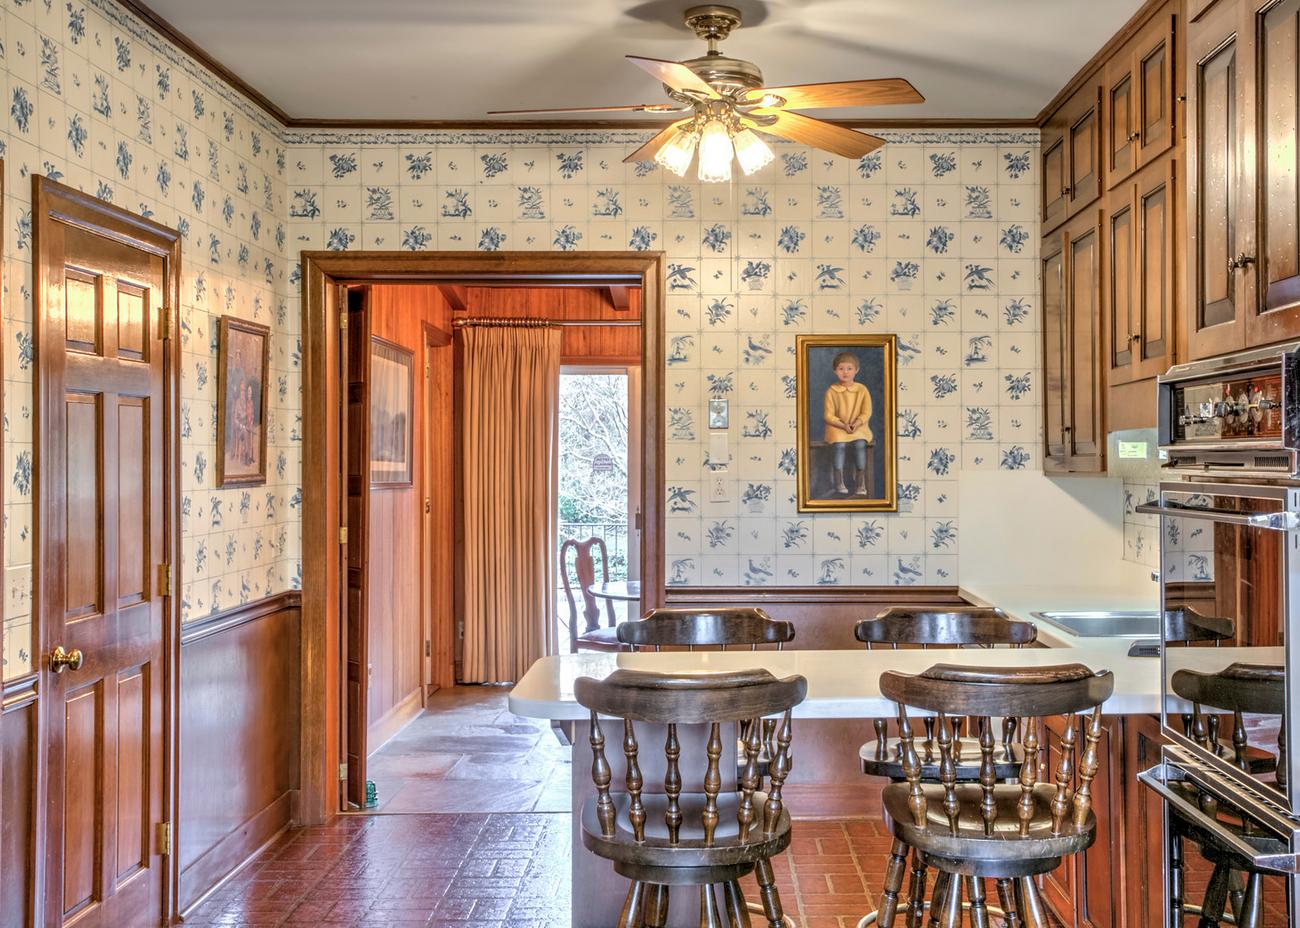 original untouched kitchen